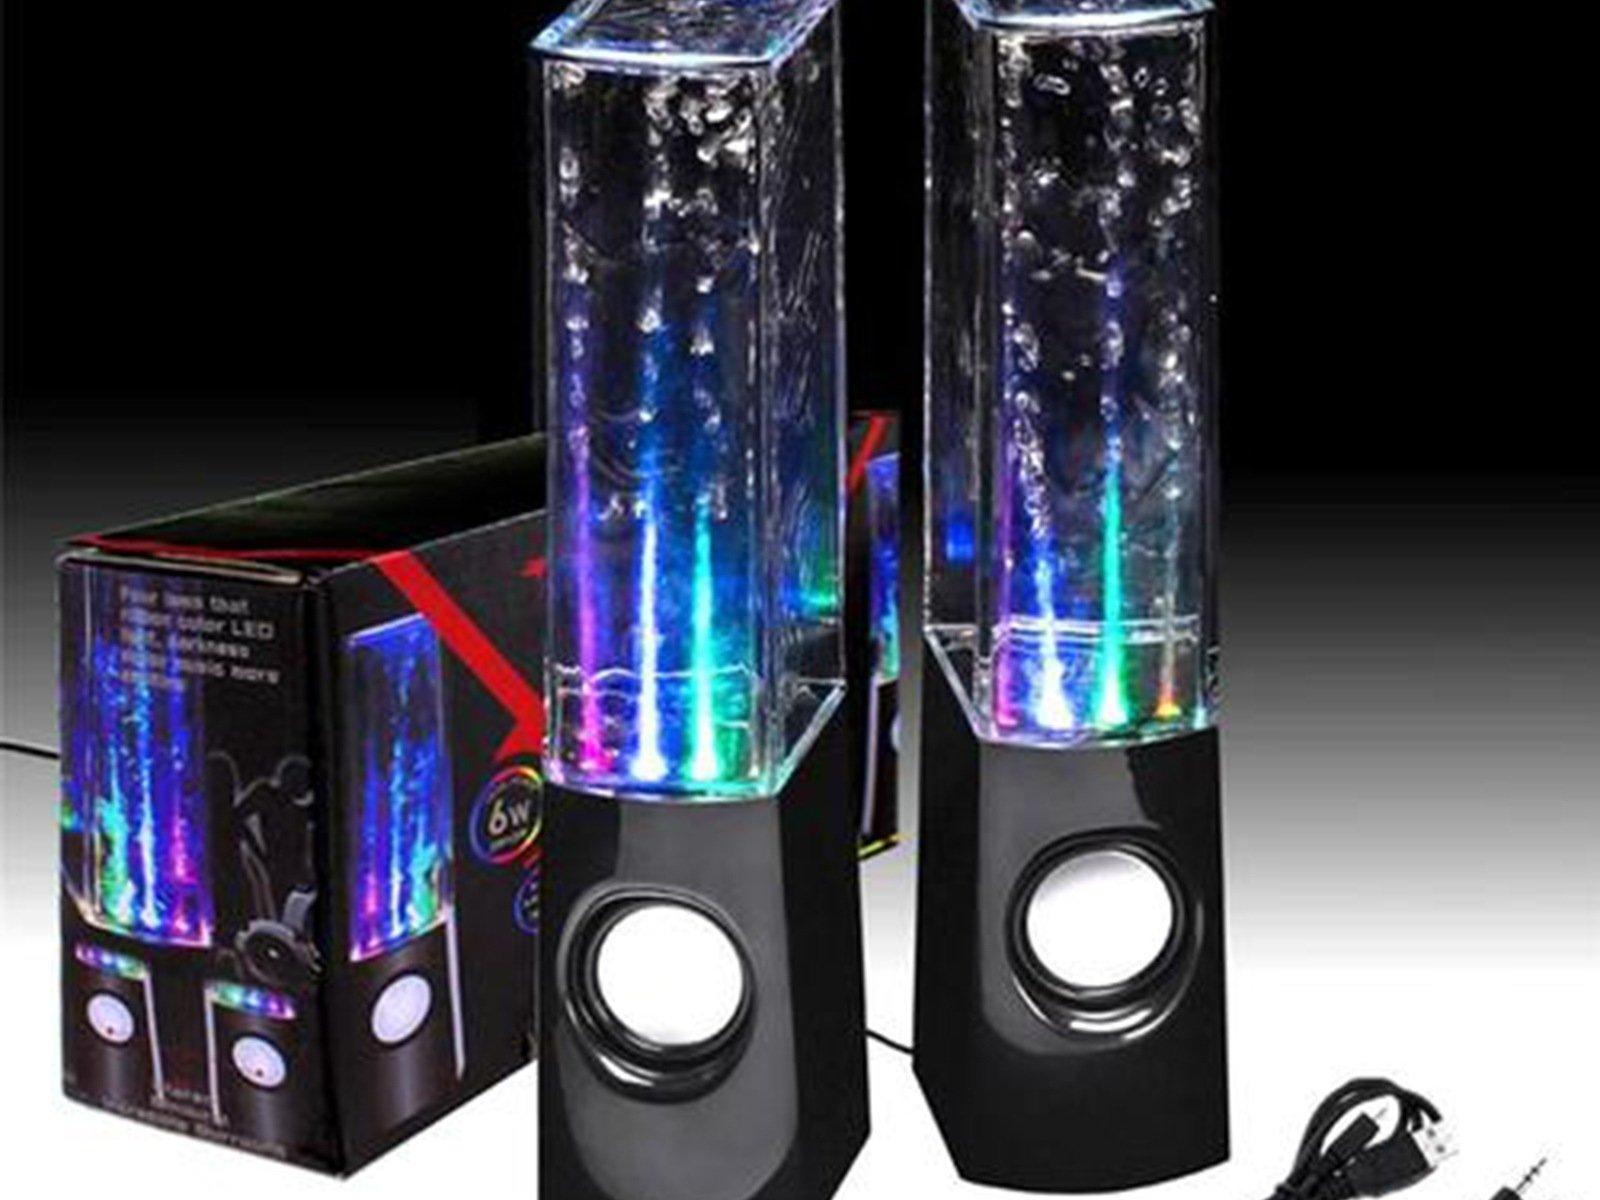 Water Dancing Speakers Refill - iFixit Repair Guide